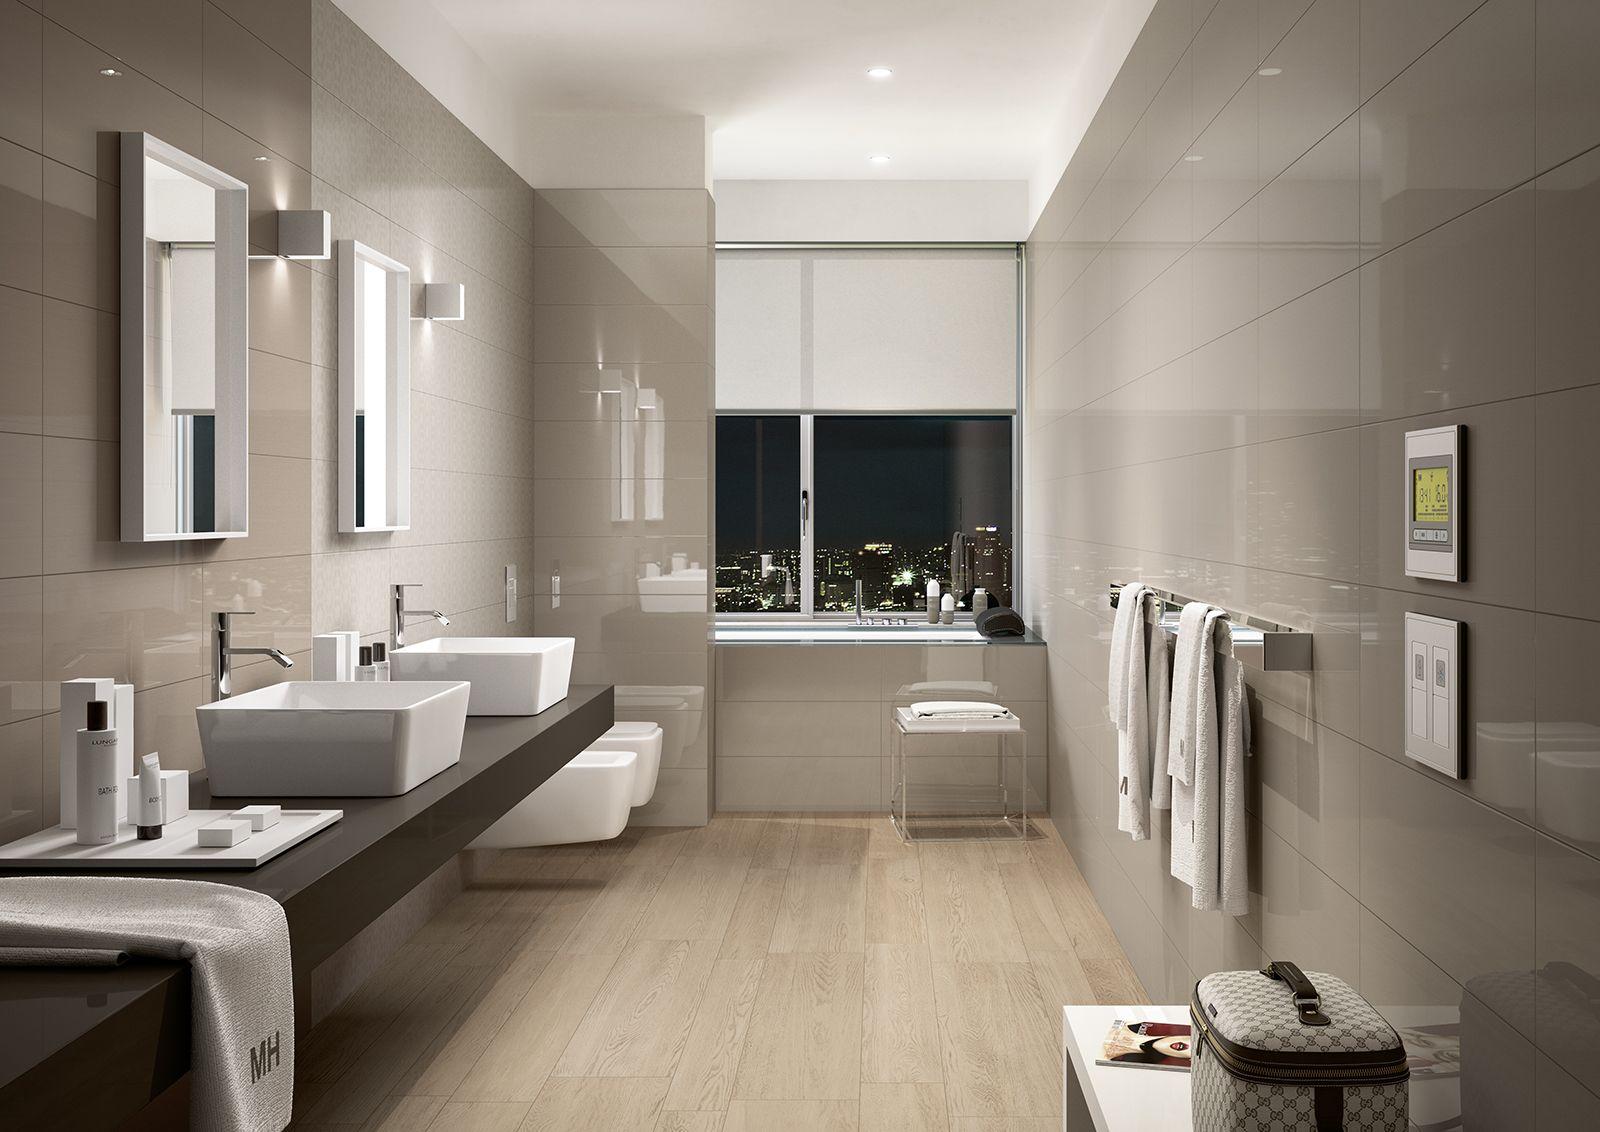 Colourline ceramica lucida per il rivestimento bagno for Idee per il bagno